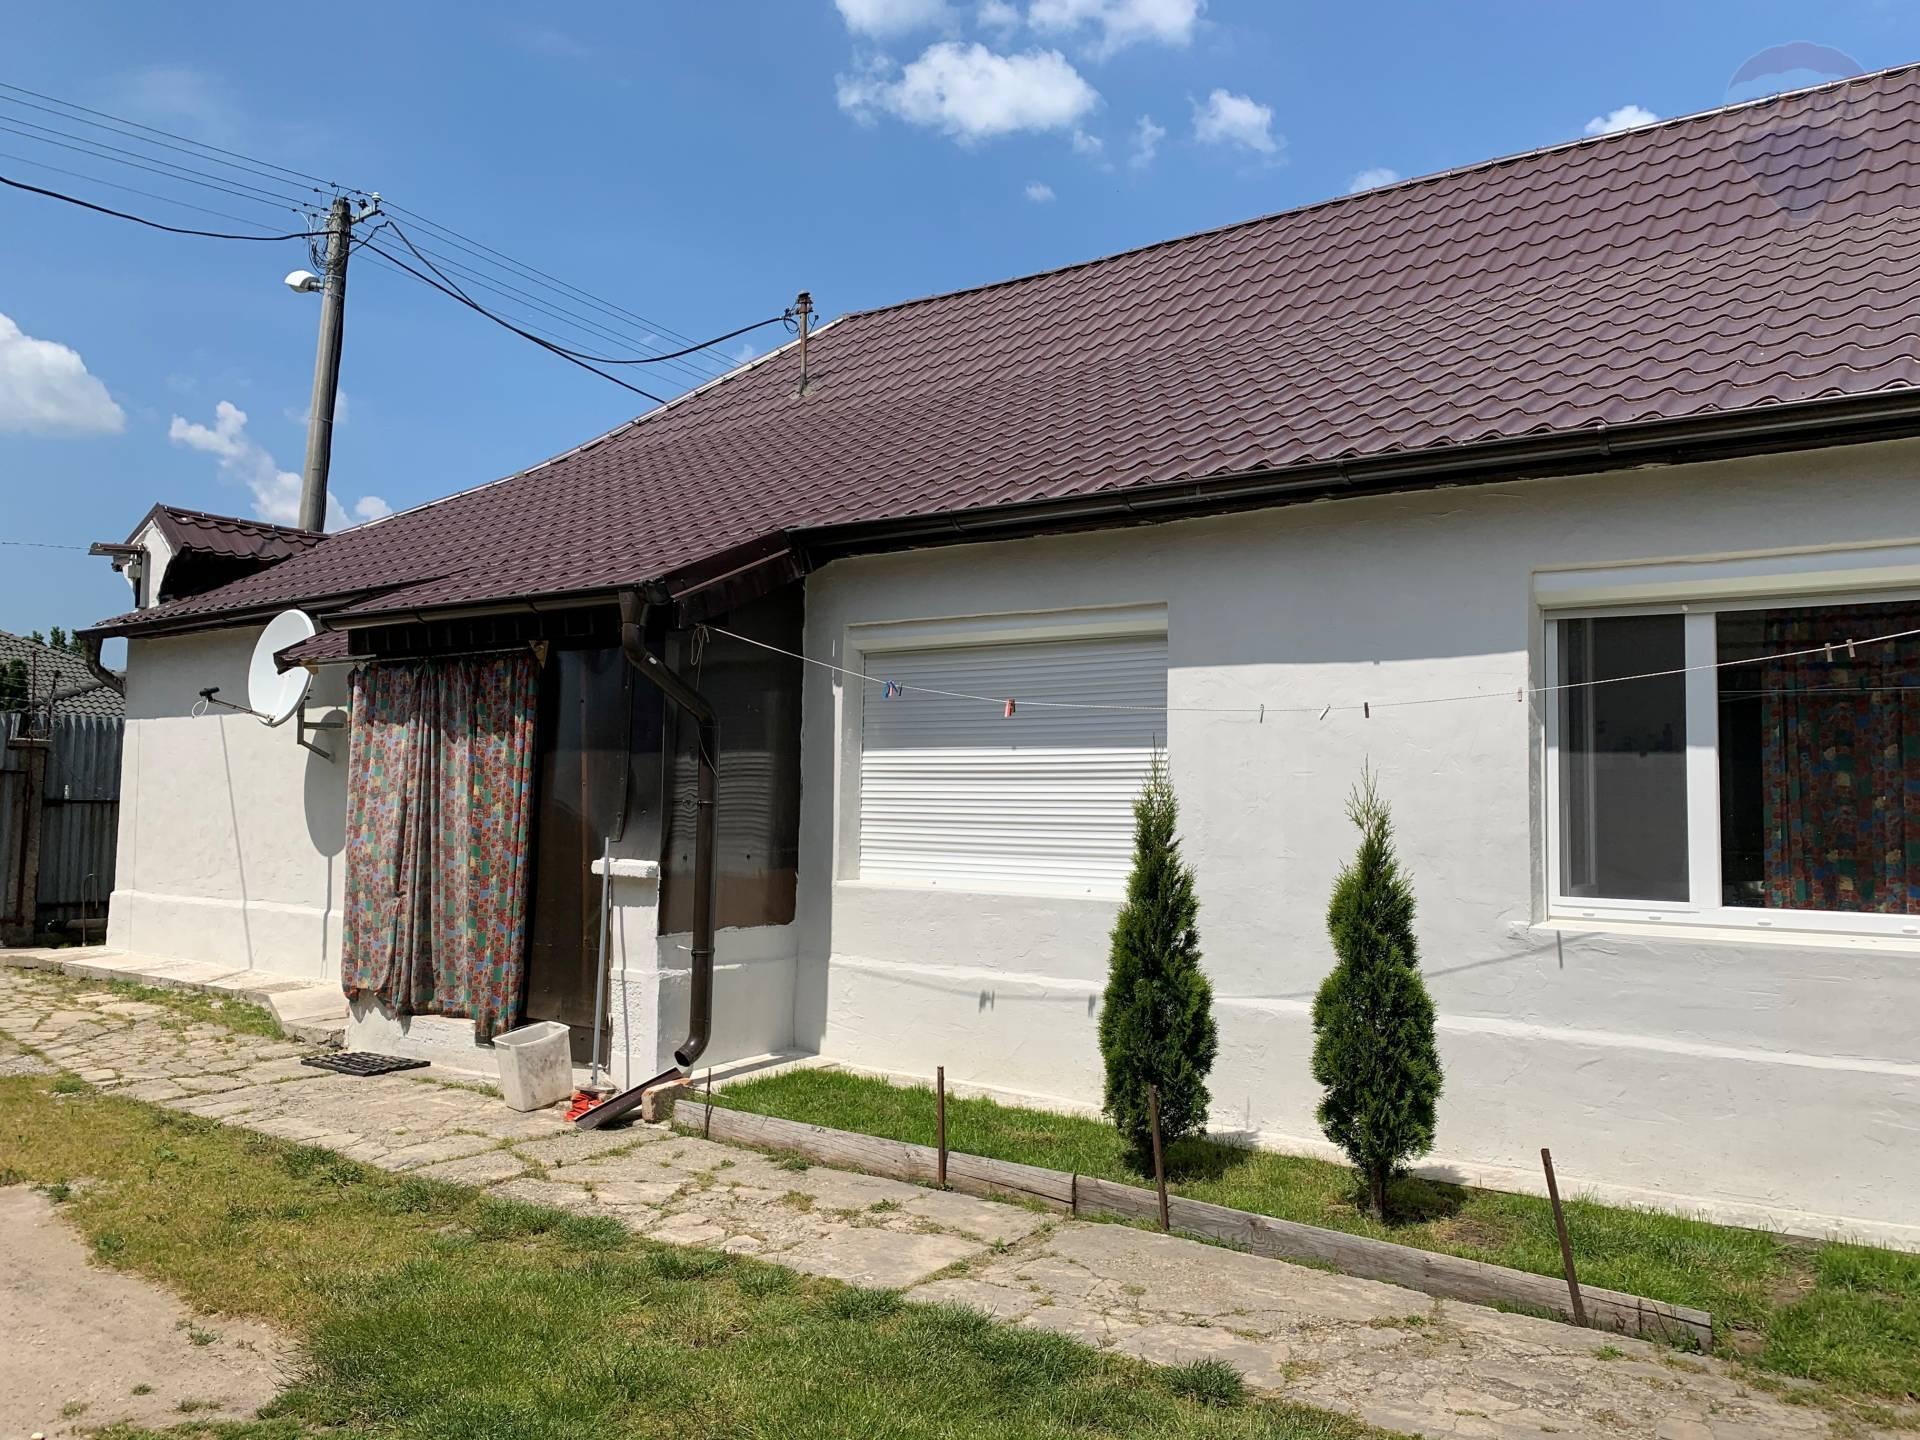 Predaj rodinného domu v Dunajskej Strede na pozemku s rozlohou 1079 m2